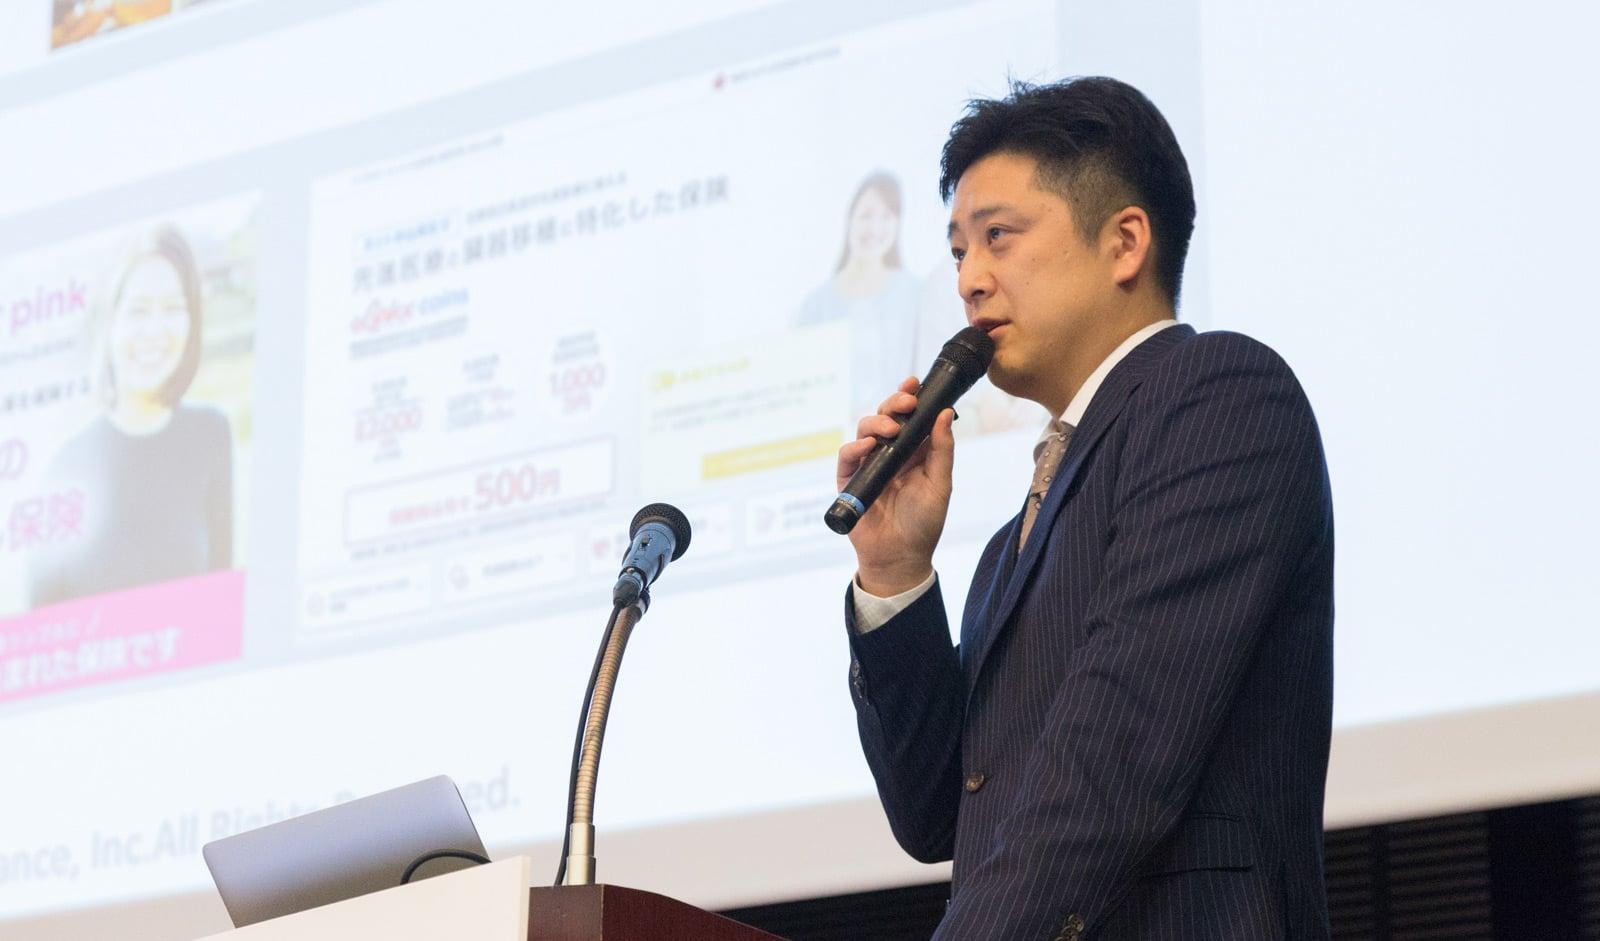 損保ジャパン日本興亜ひまわり生命保険株式会社 事業企画部 副長 矢木 智彦氏